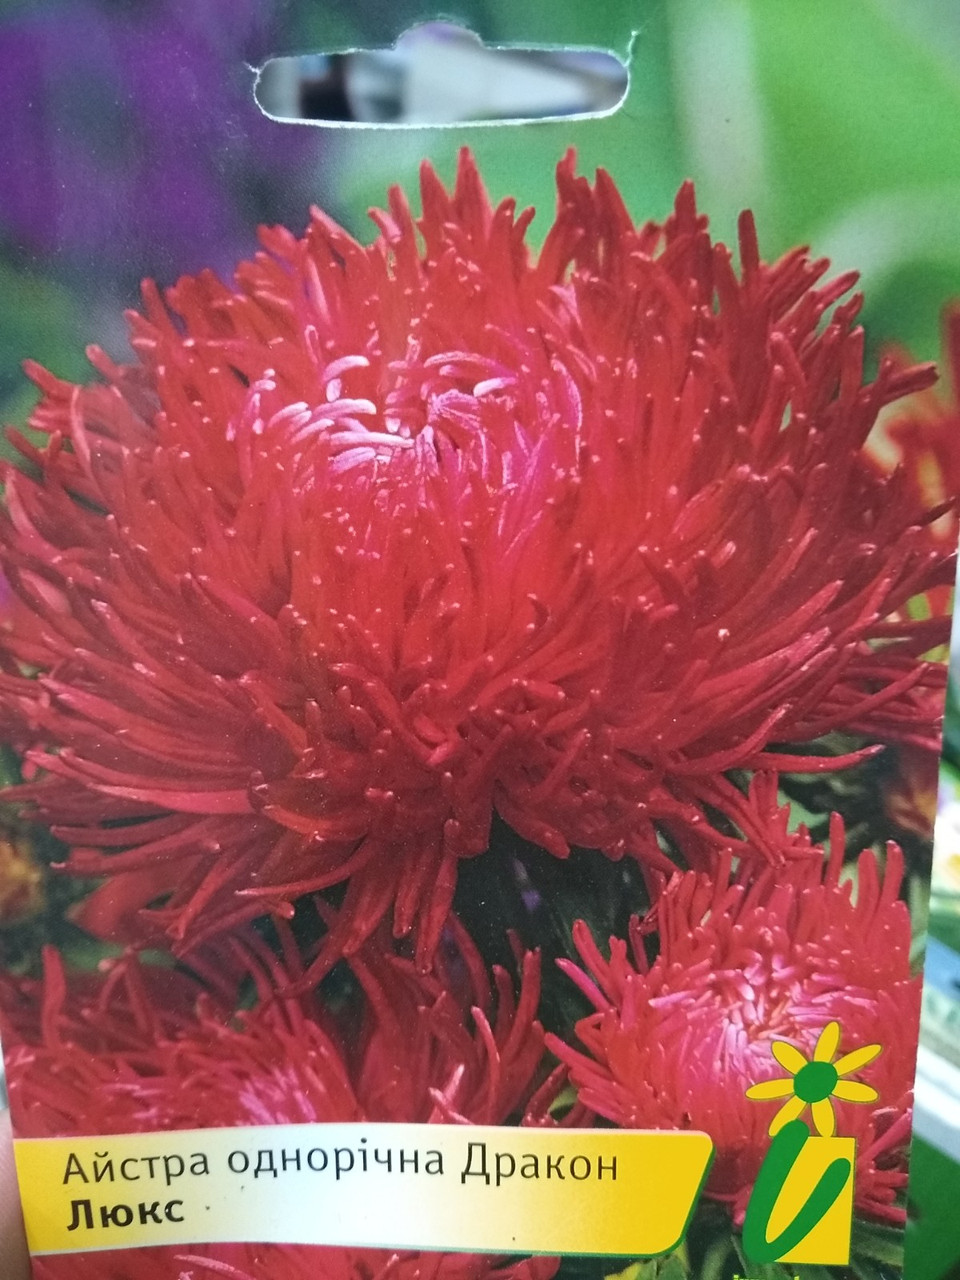 Насіння Астра китайська сортотип голчаста Дракон люкс червона насіння 10 грам в упаковці Україна